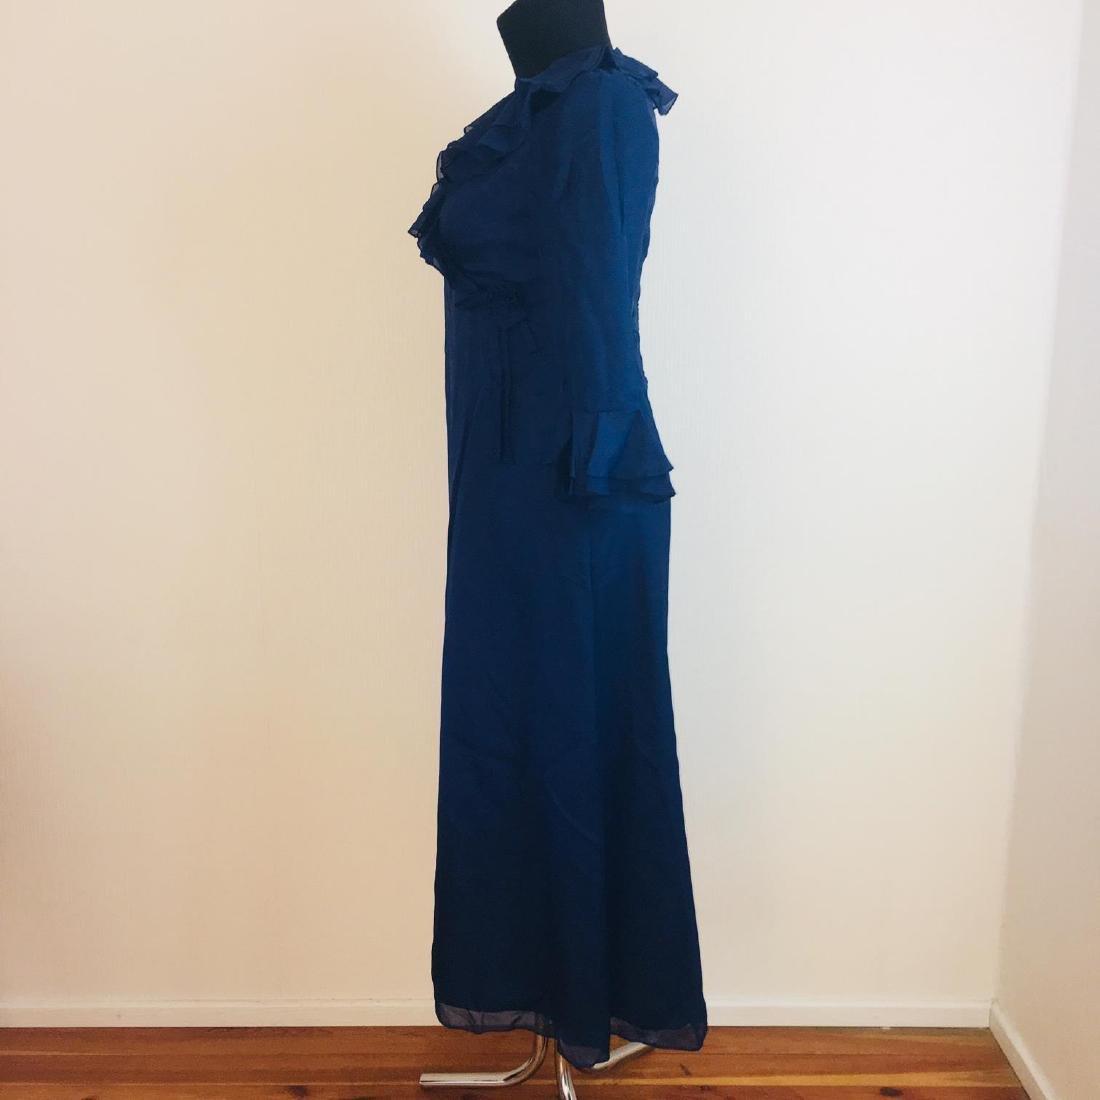 Vintage Women's Evening Dress Size EUR 14 US 44 - 3